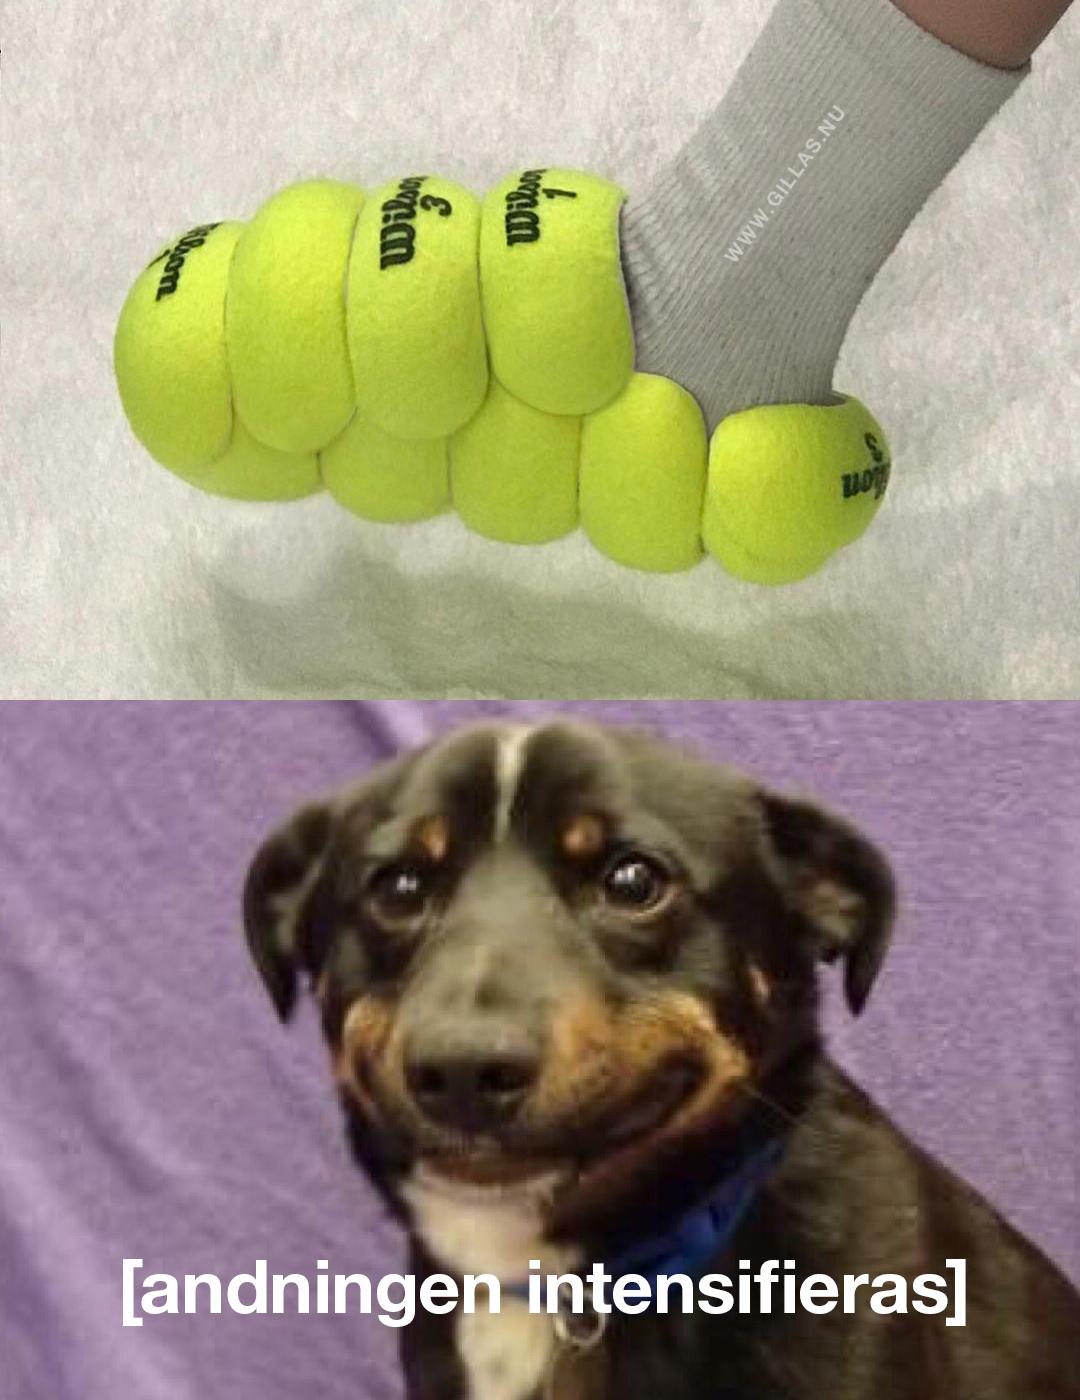 Hund ser tennissko gjord av tennisbollar